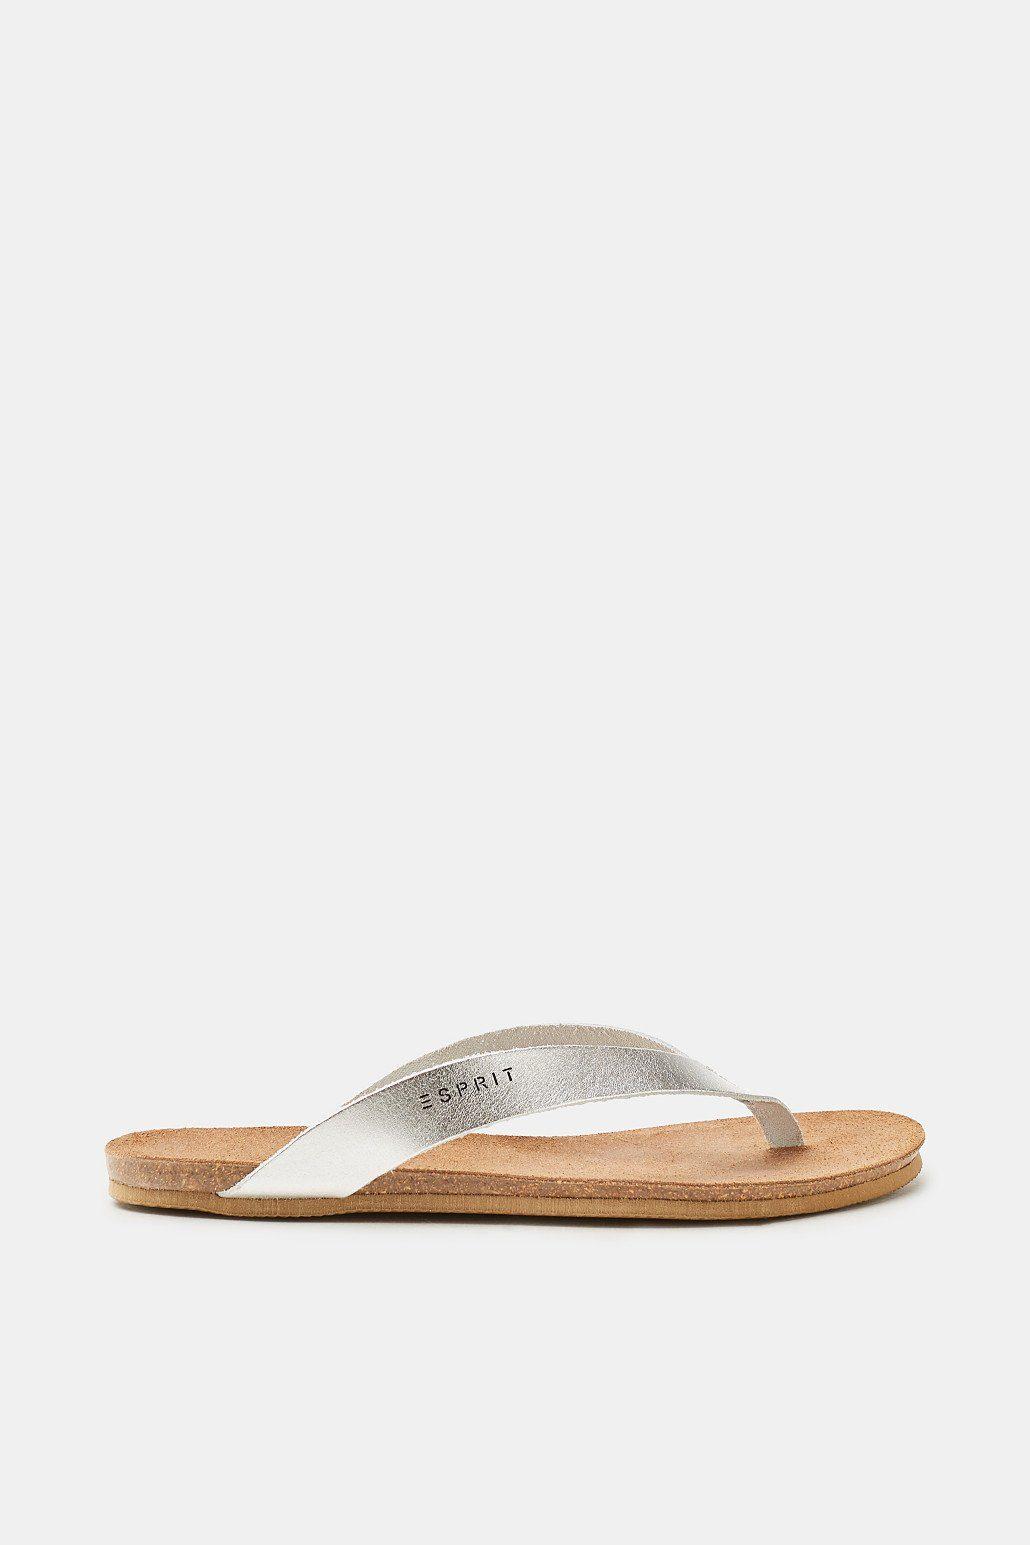 Esprit Leder-Zehentrenner mit angedeutetem Fußbett für Damen, Größe 36, White